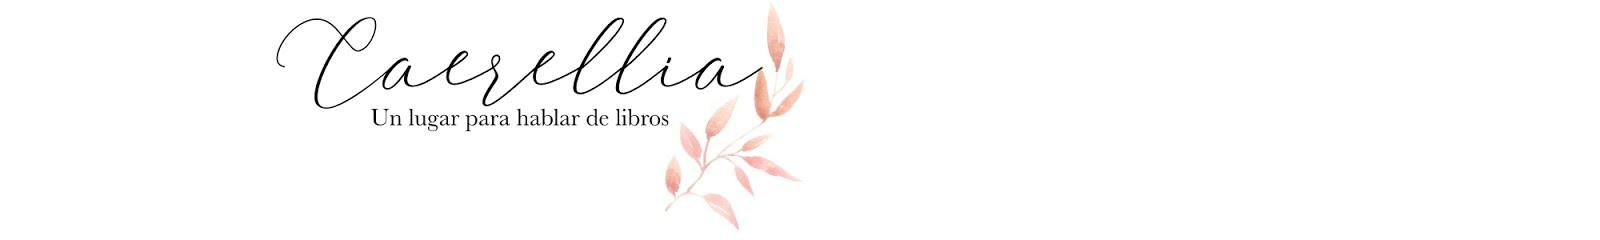 Caerellia : Blog Literario